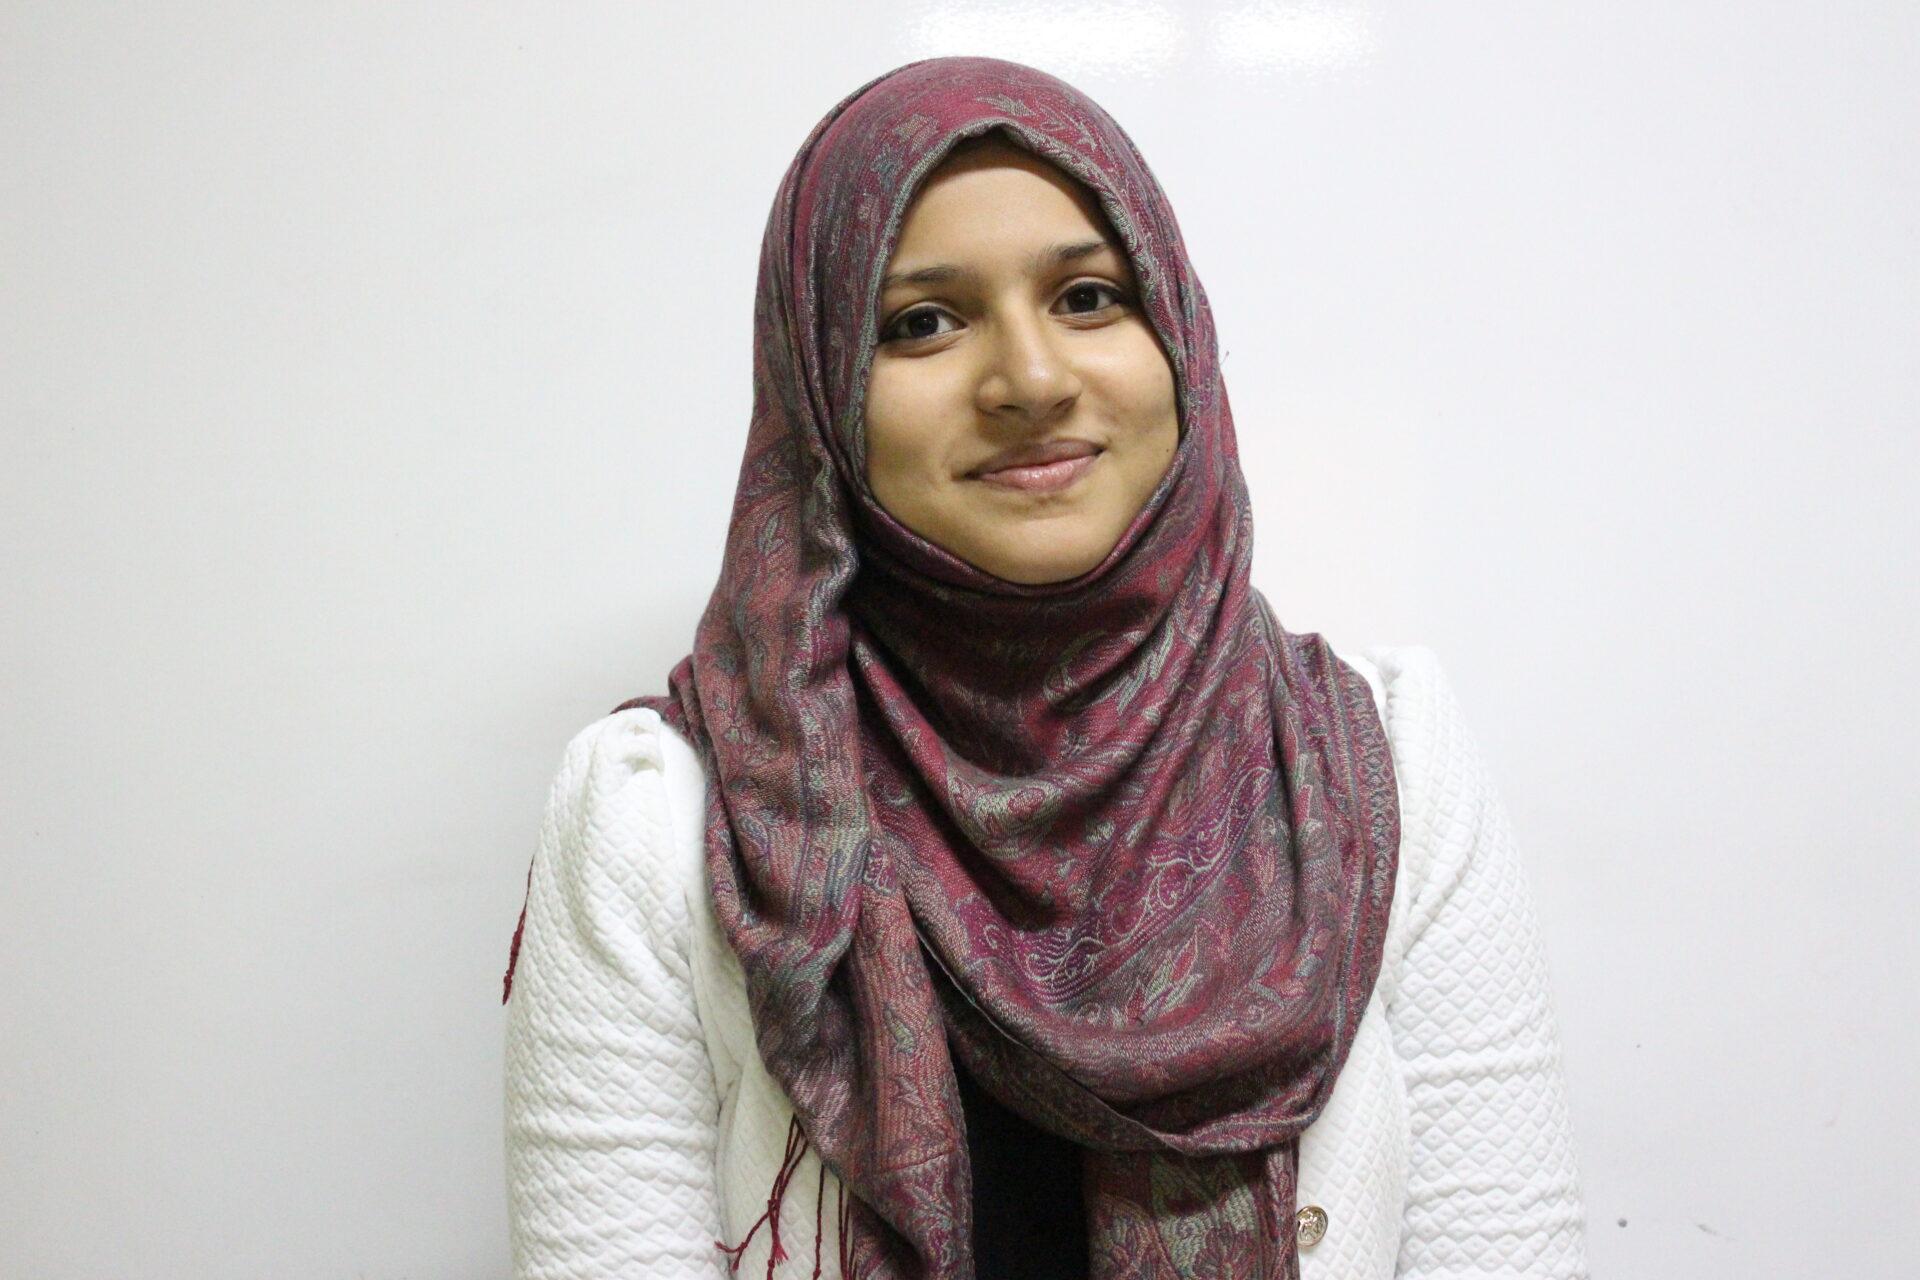 Fathima Mahra